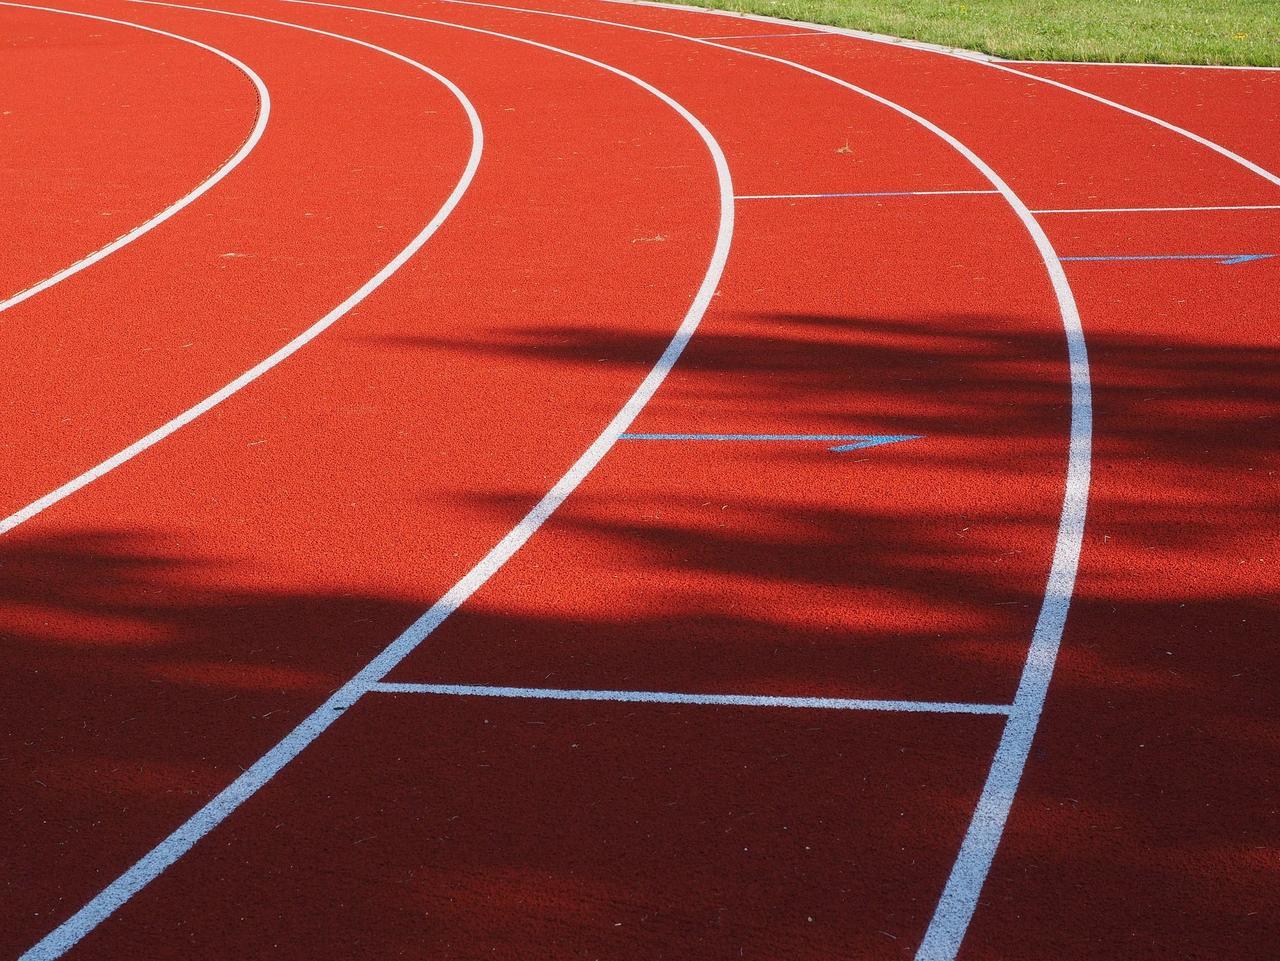 Bezirksmeisterschaften der Leichtathleten